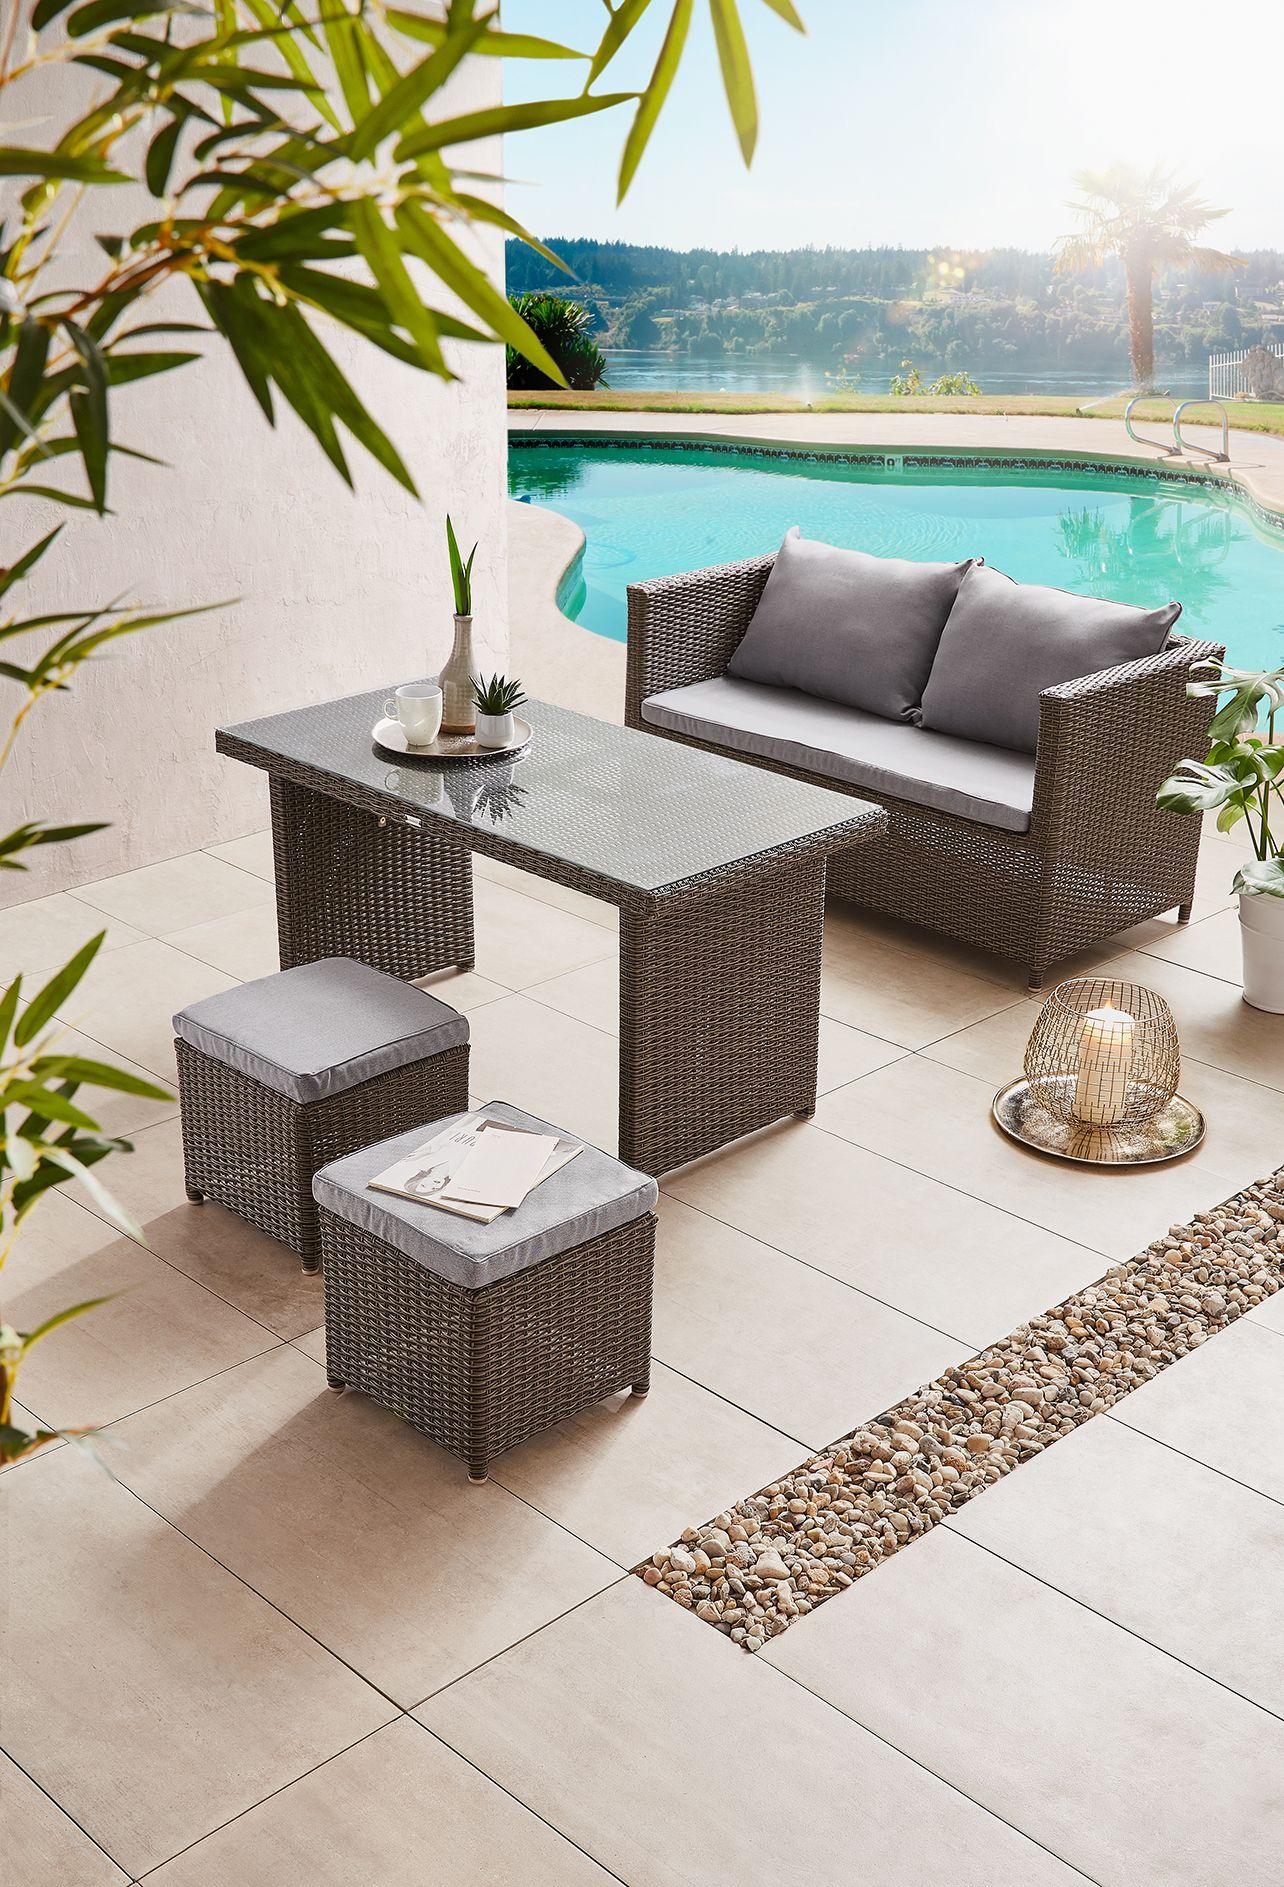 gartenmobel fur terrasse, verträumte rattan lounge - gartenmöbel für die terrasse, Design ideen